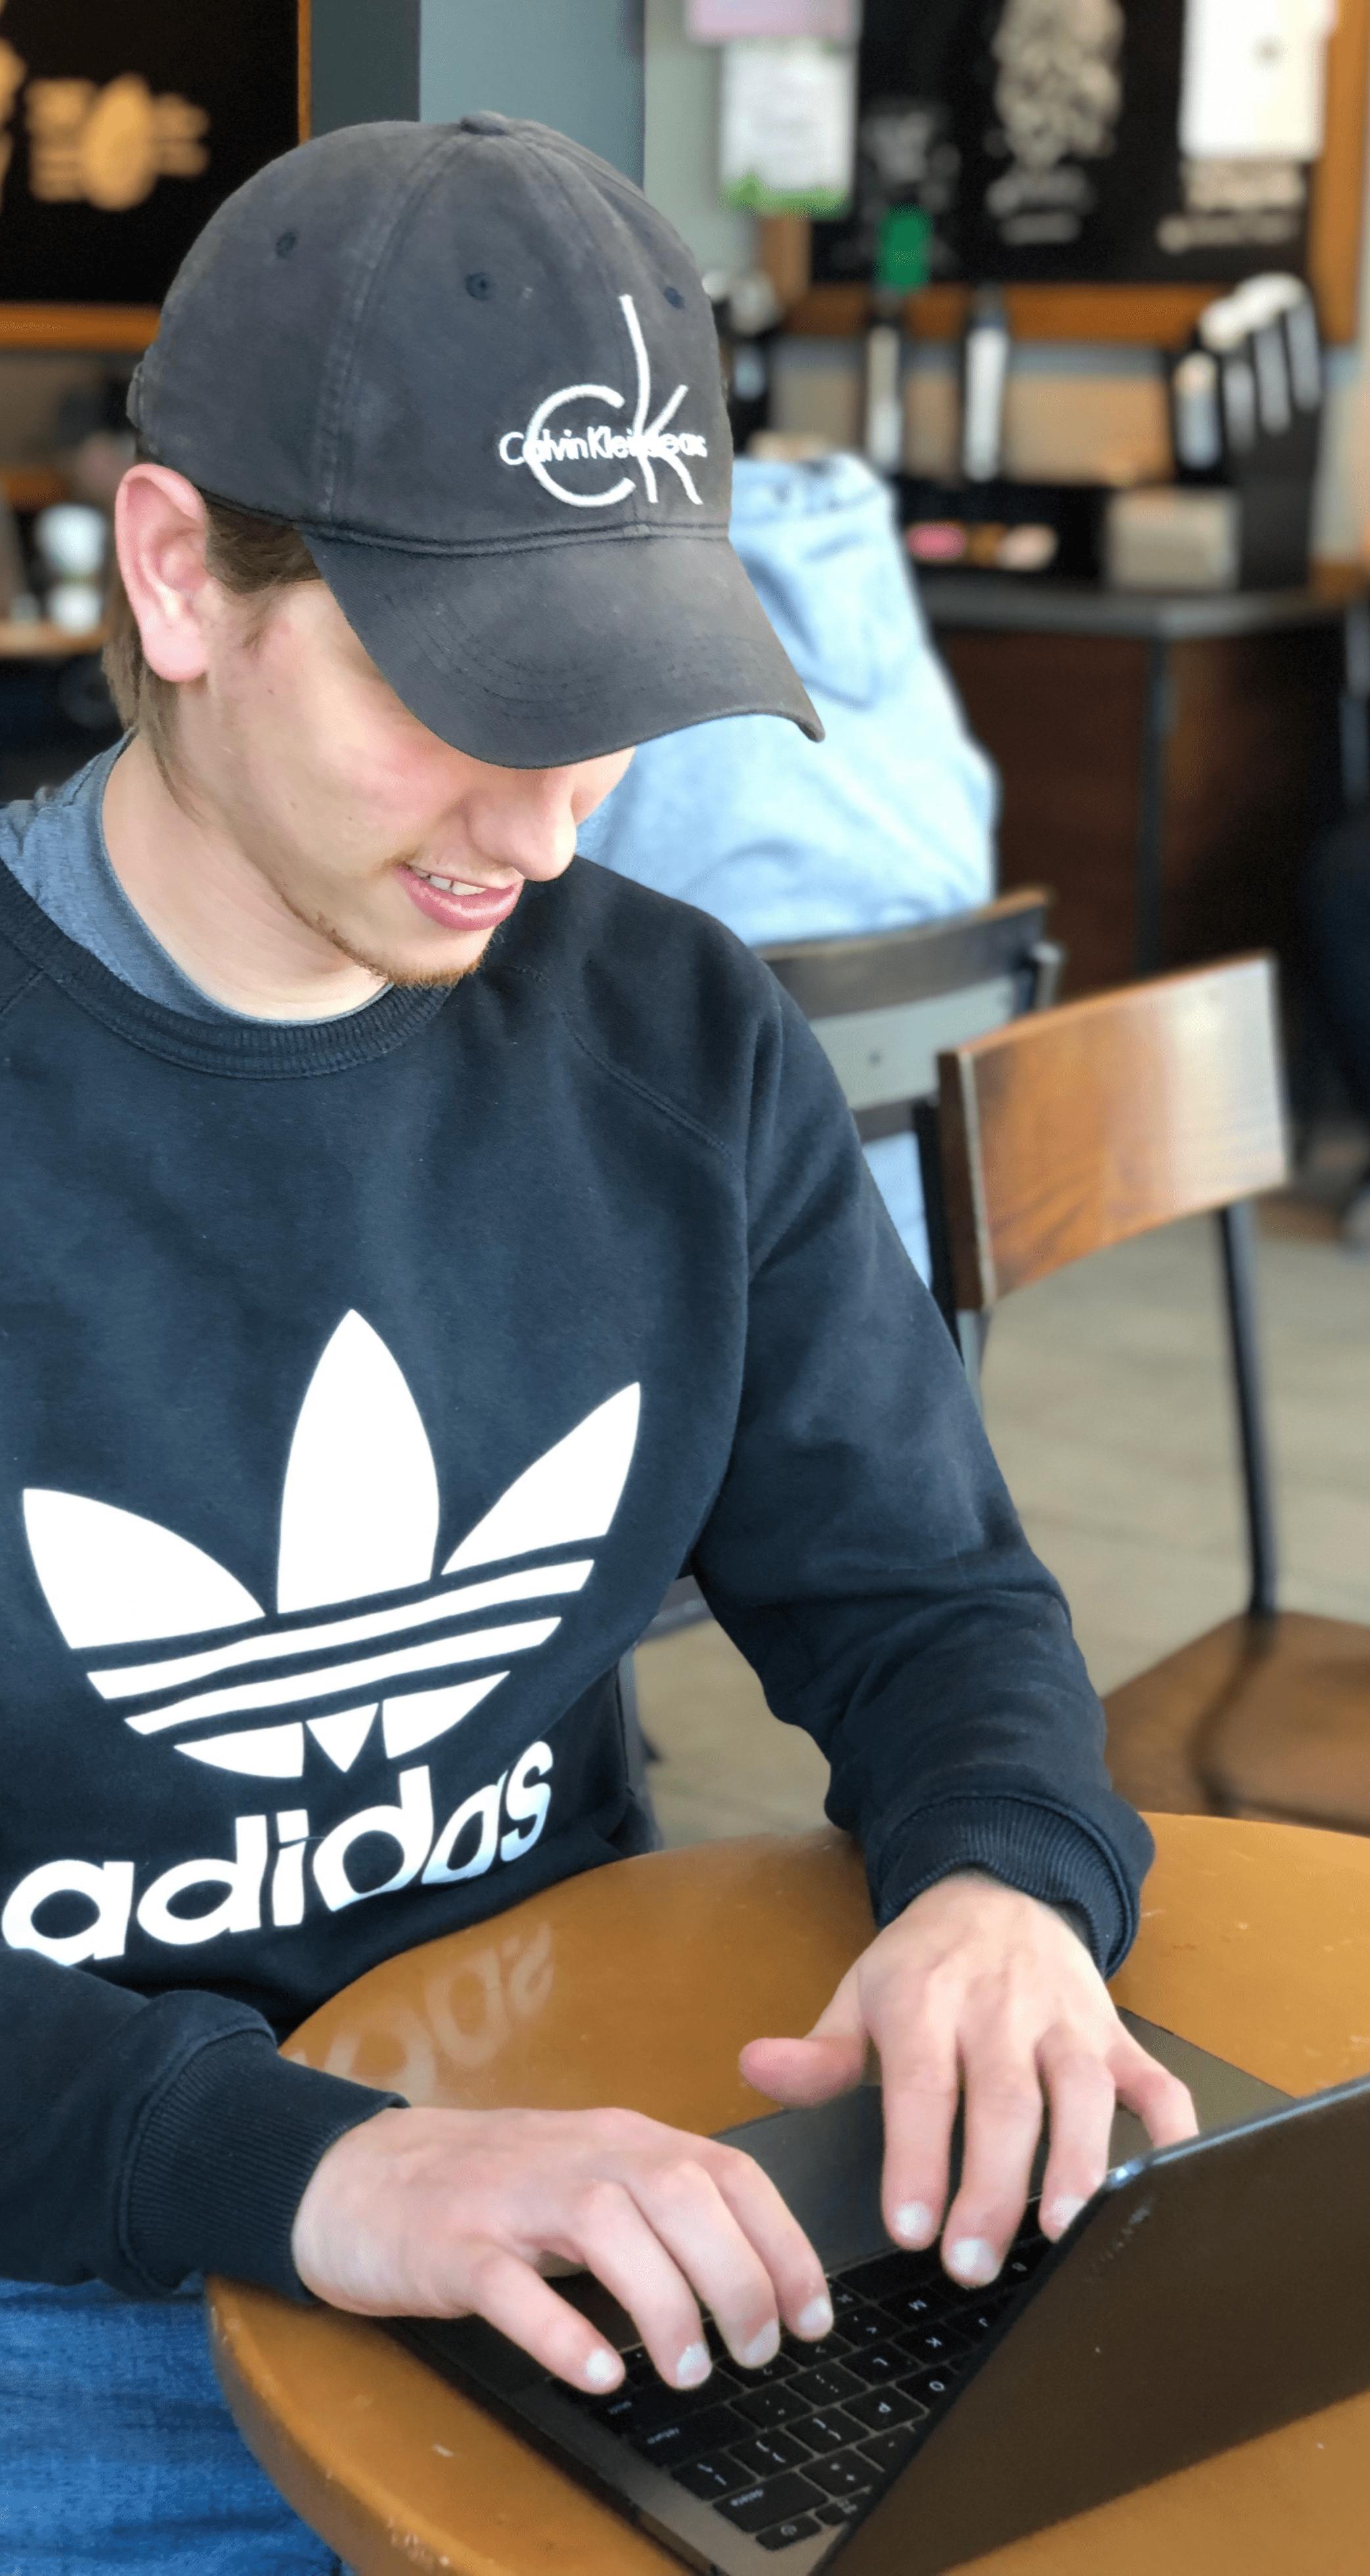 Brandon Social Media Expert (typing)